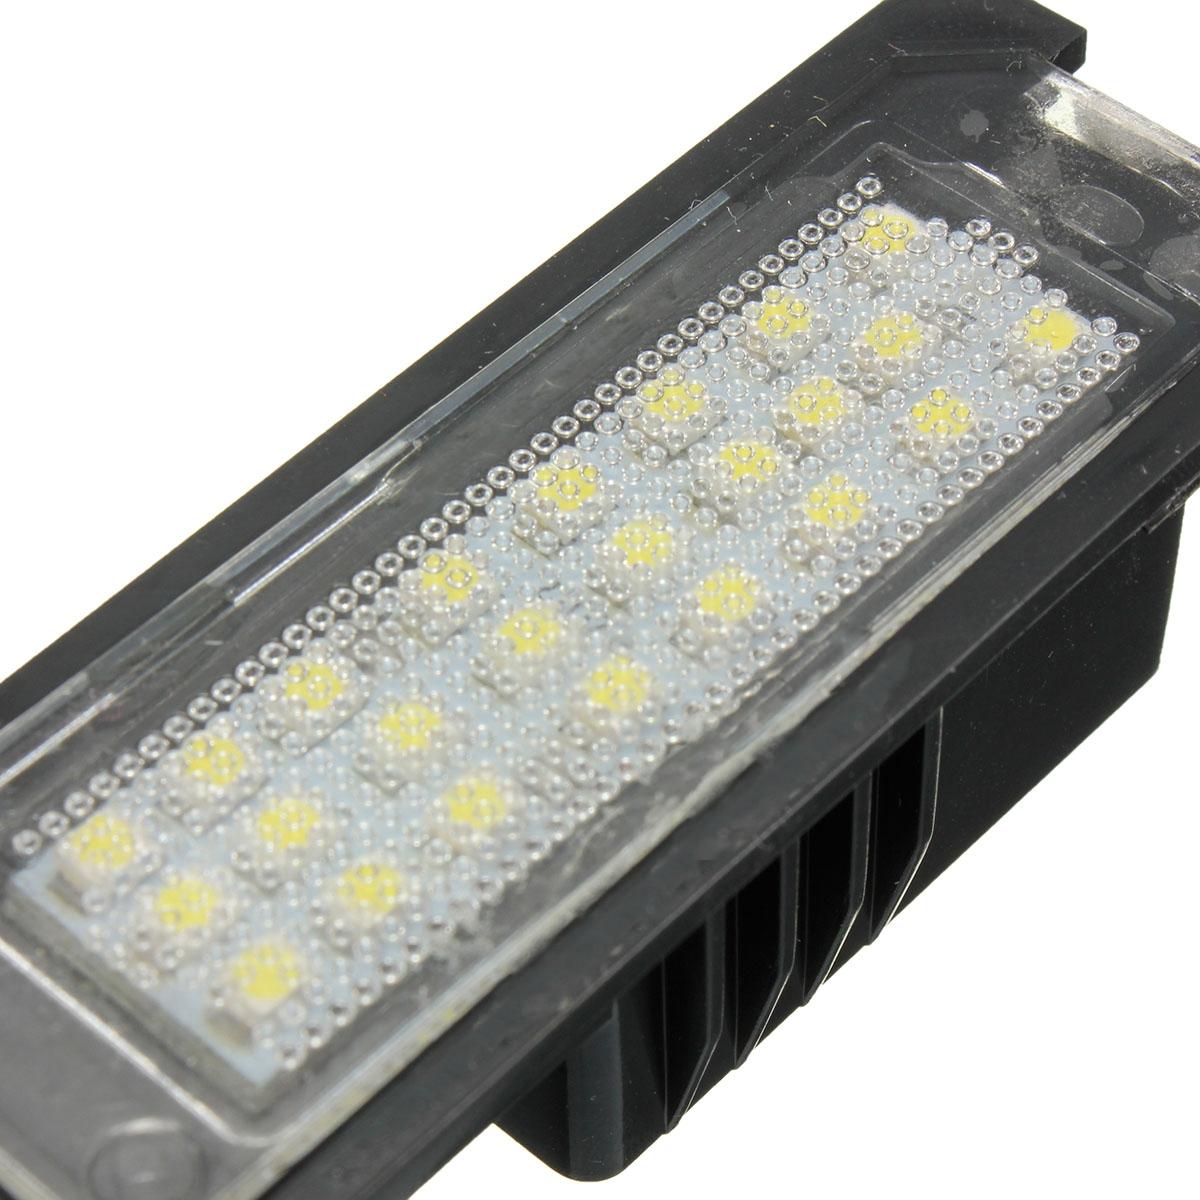 2 ШТ. 24 светодиода Номер лицензии Пластина Фары белого цвета для VW Passat Golf MK5 MK6 POLO - фото 5